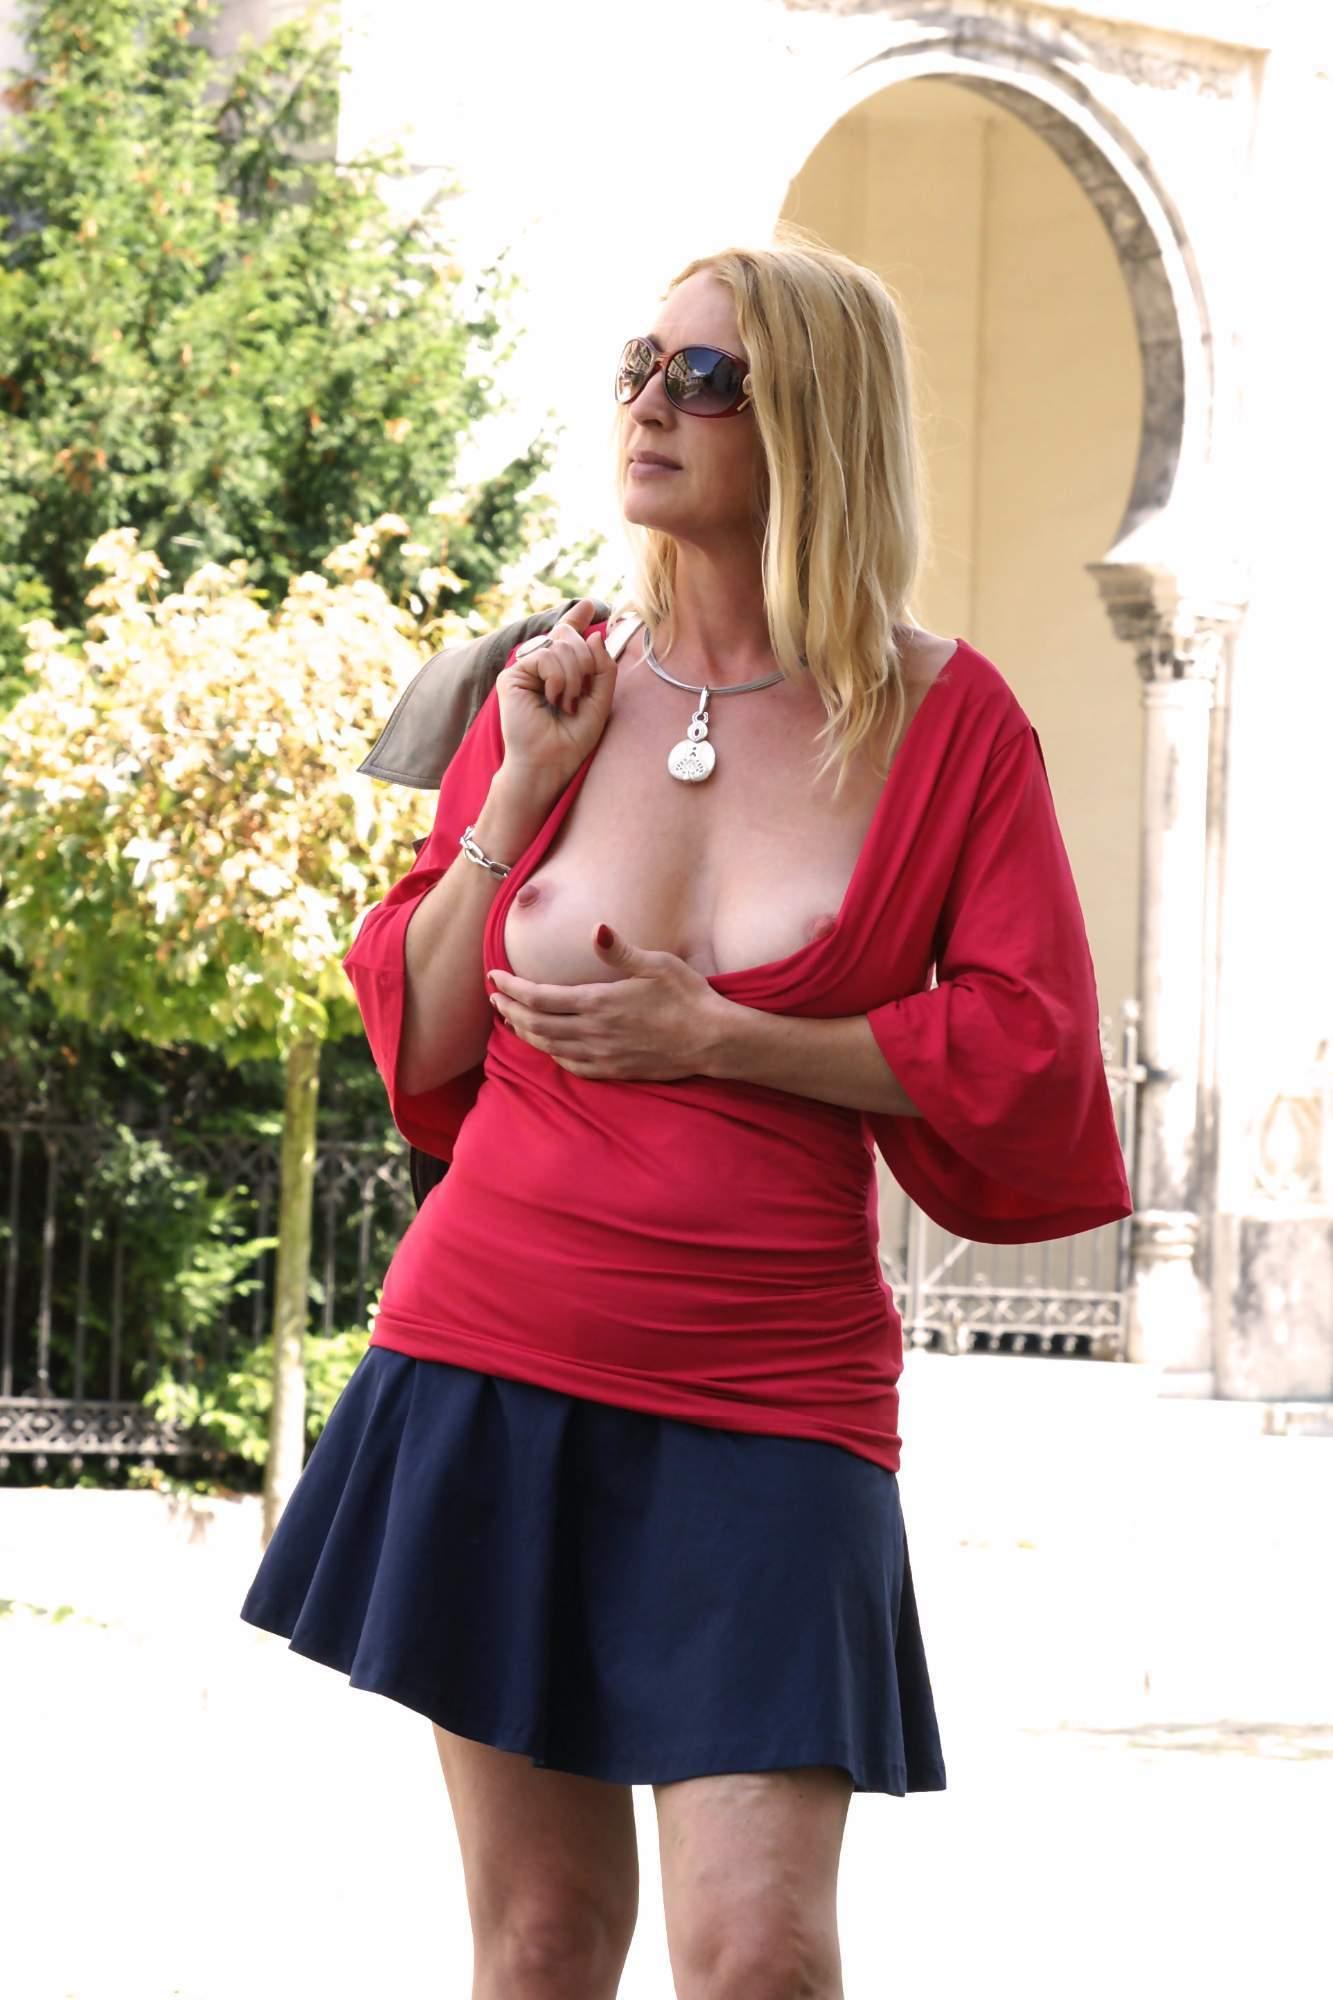 http://img24.rajce.idnes.cz/d2402/13/13133/13133717_9c6391c5702f90347cd7f2ea12218ba5/images/34.jpg